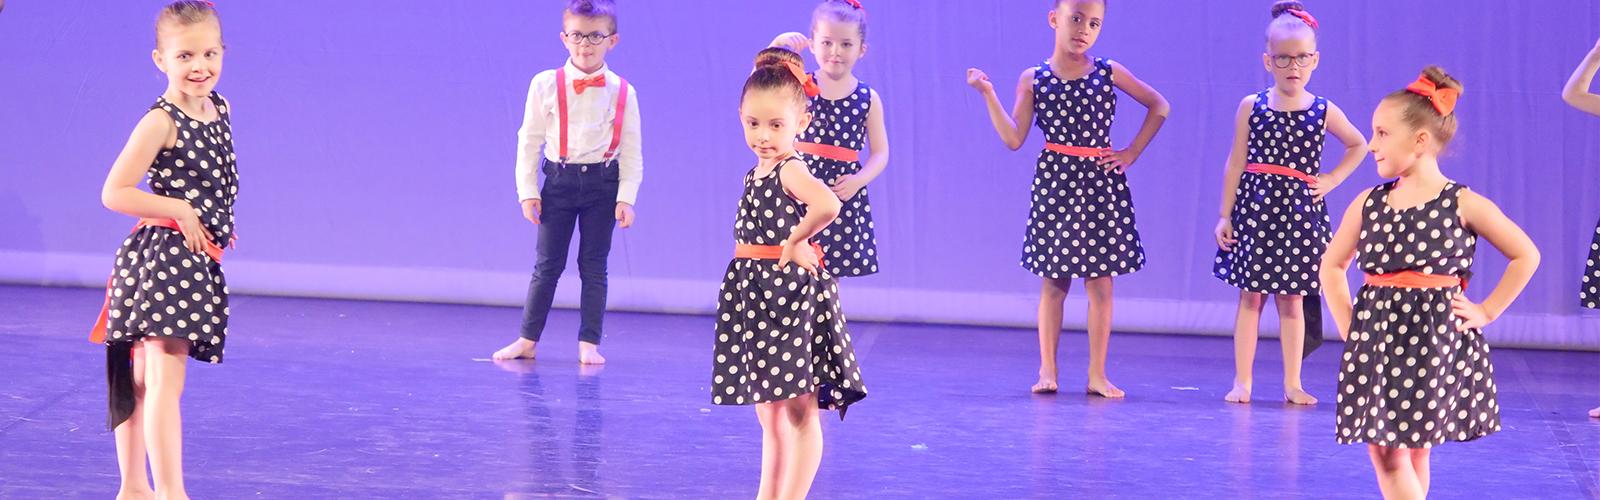 Cours de danse pour enfants et ados